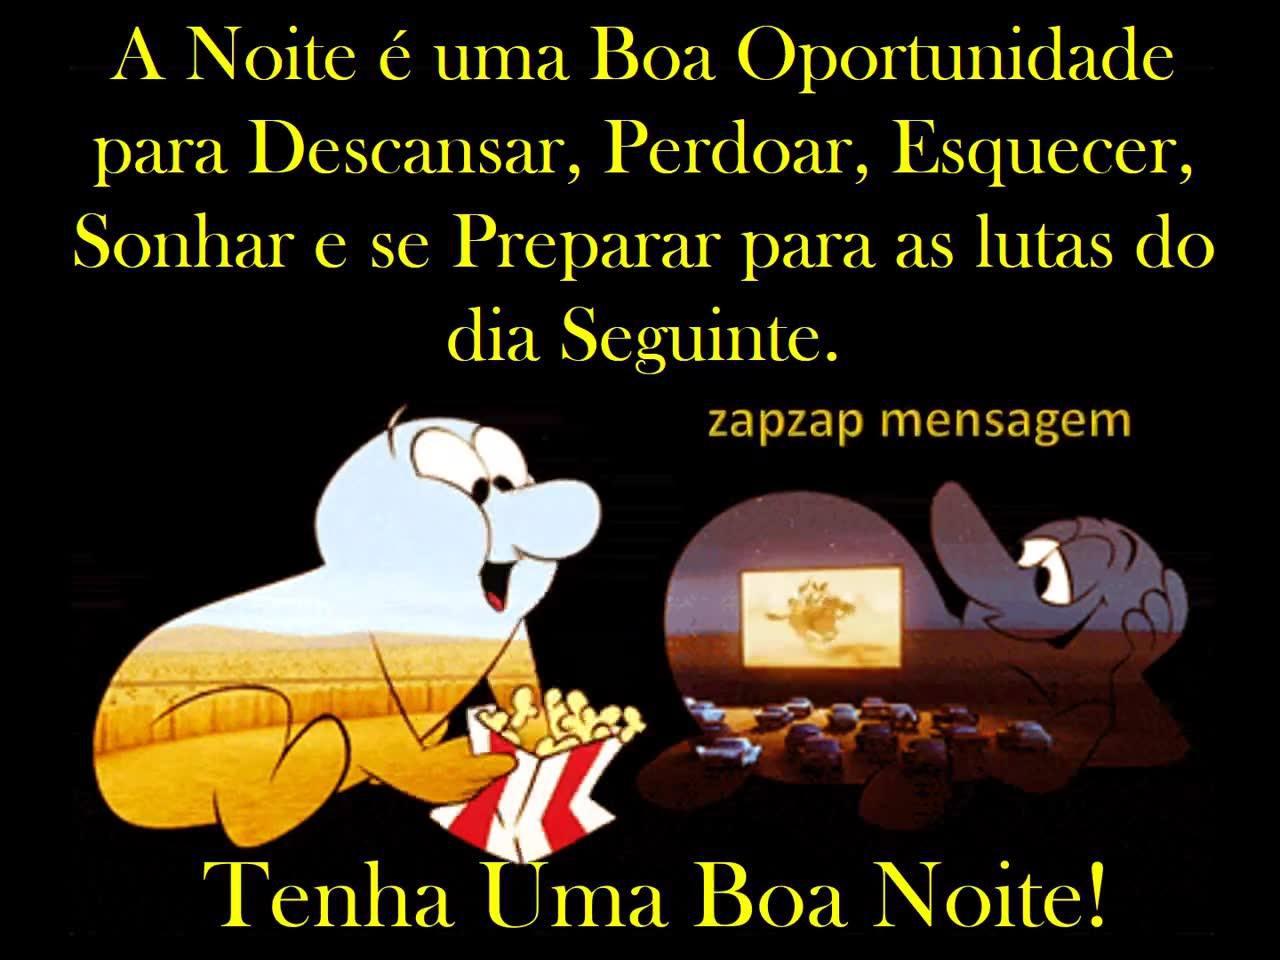 Imagens De Boa Noite Para Facebook: Mensagem De Boa Noite Para Compartilhar Com Amigos Do